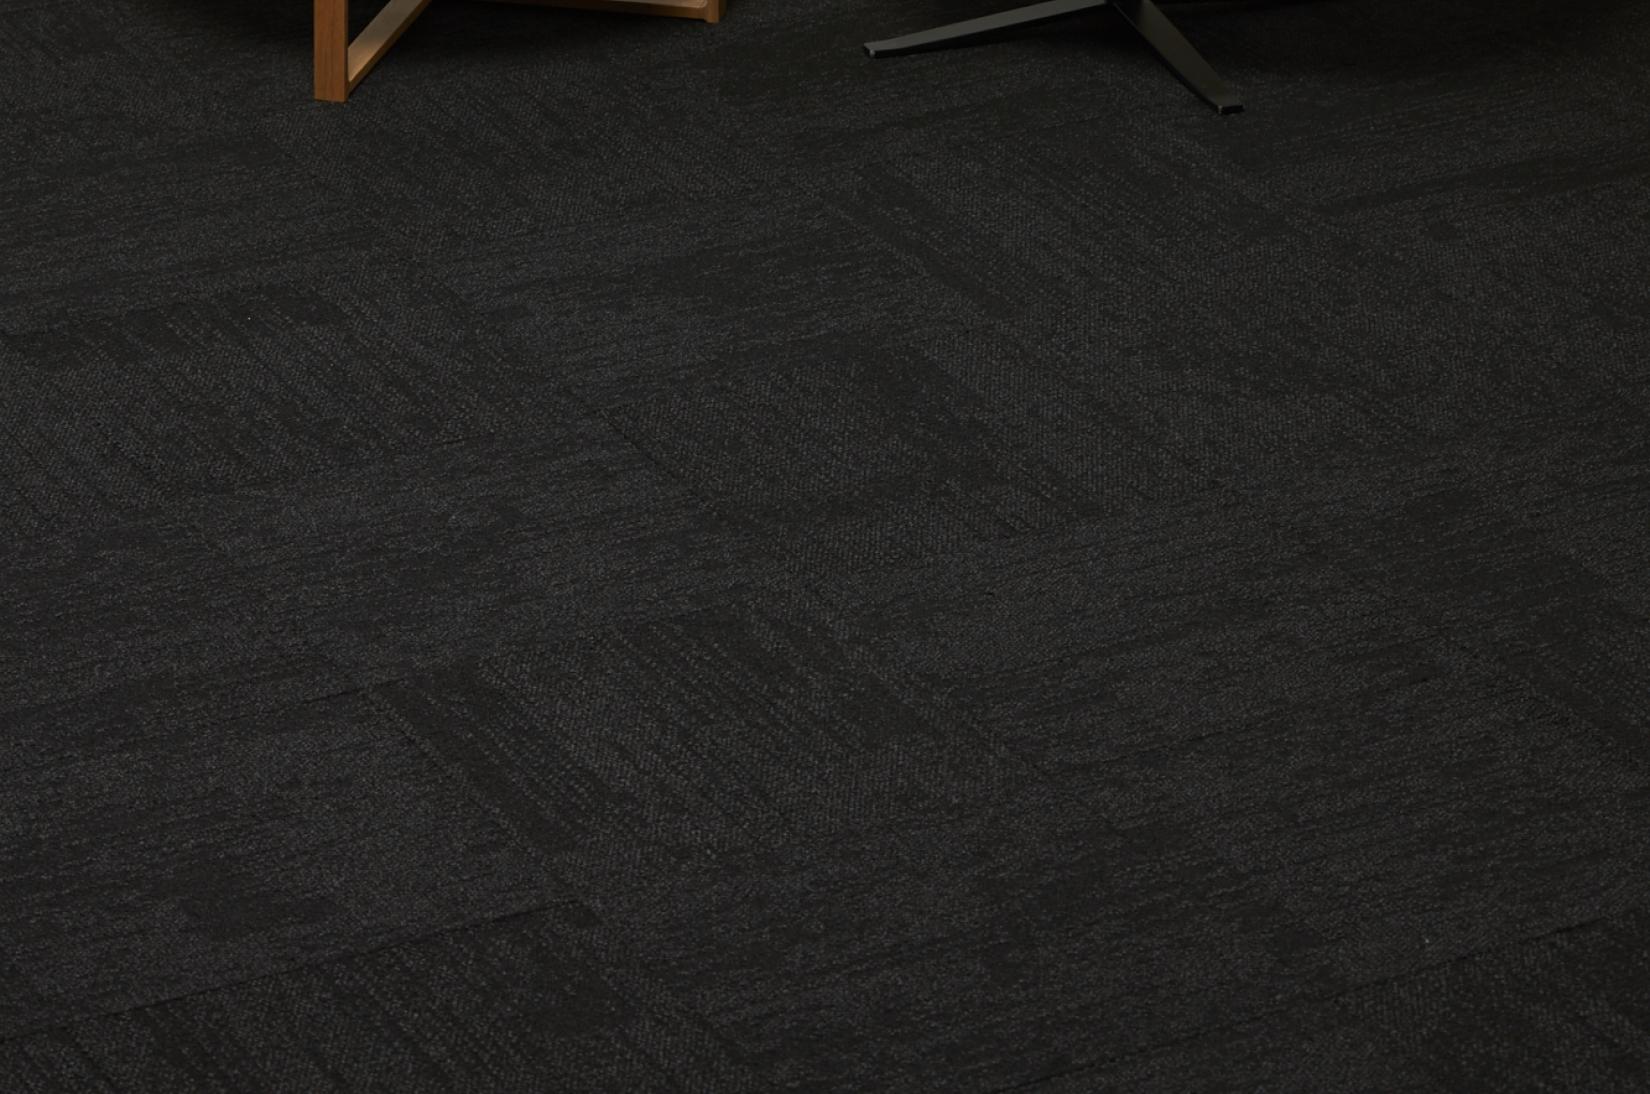 Mossburn Carpet Tiles